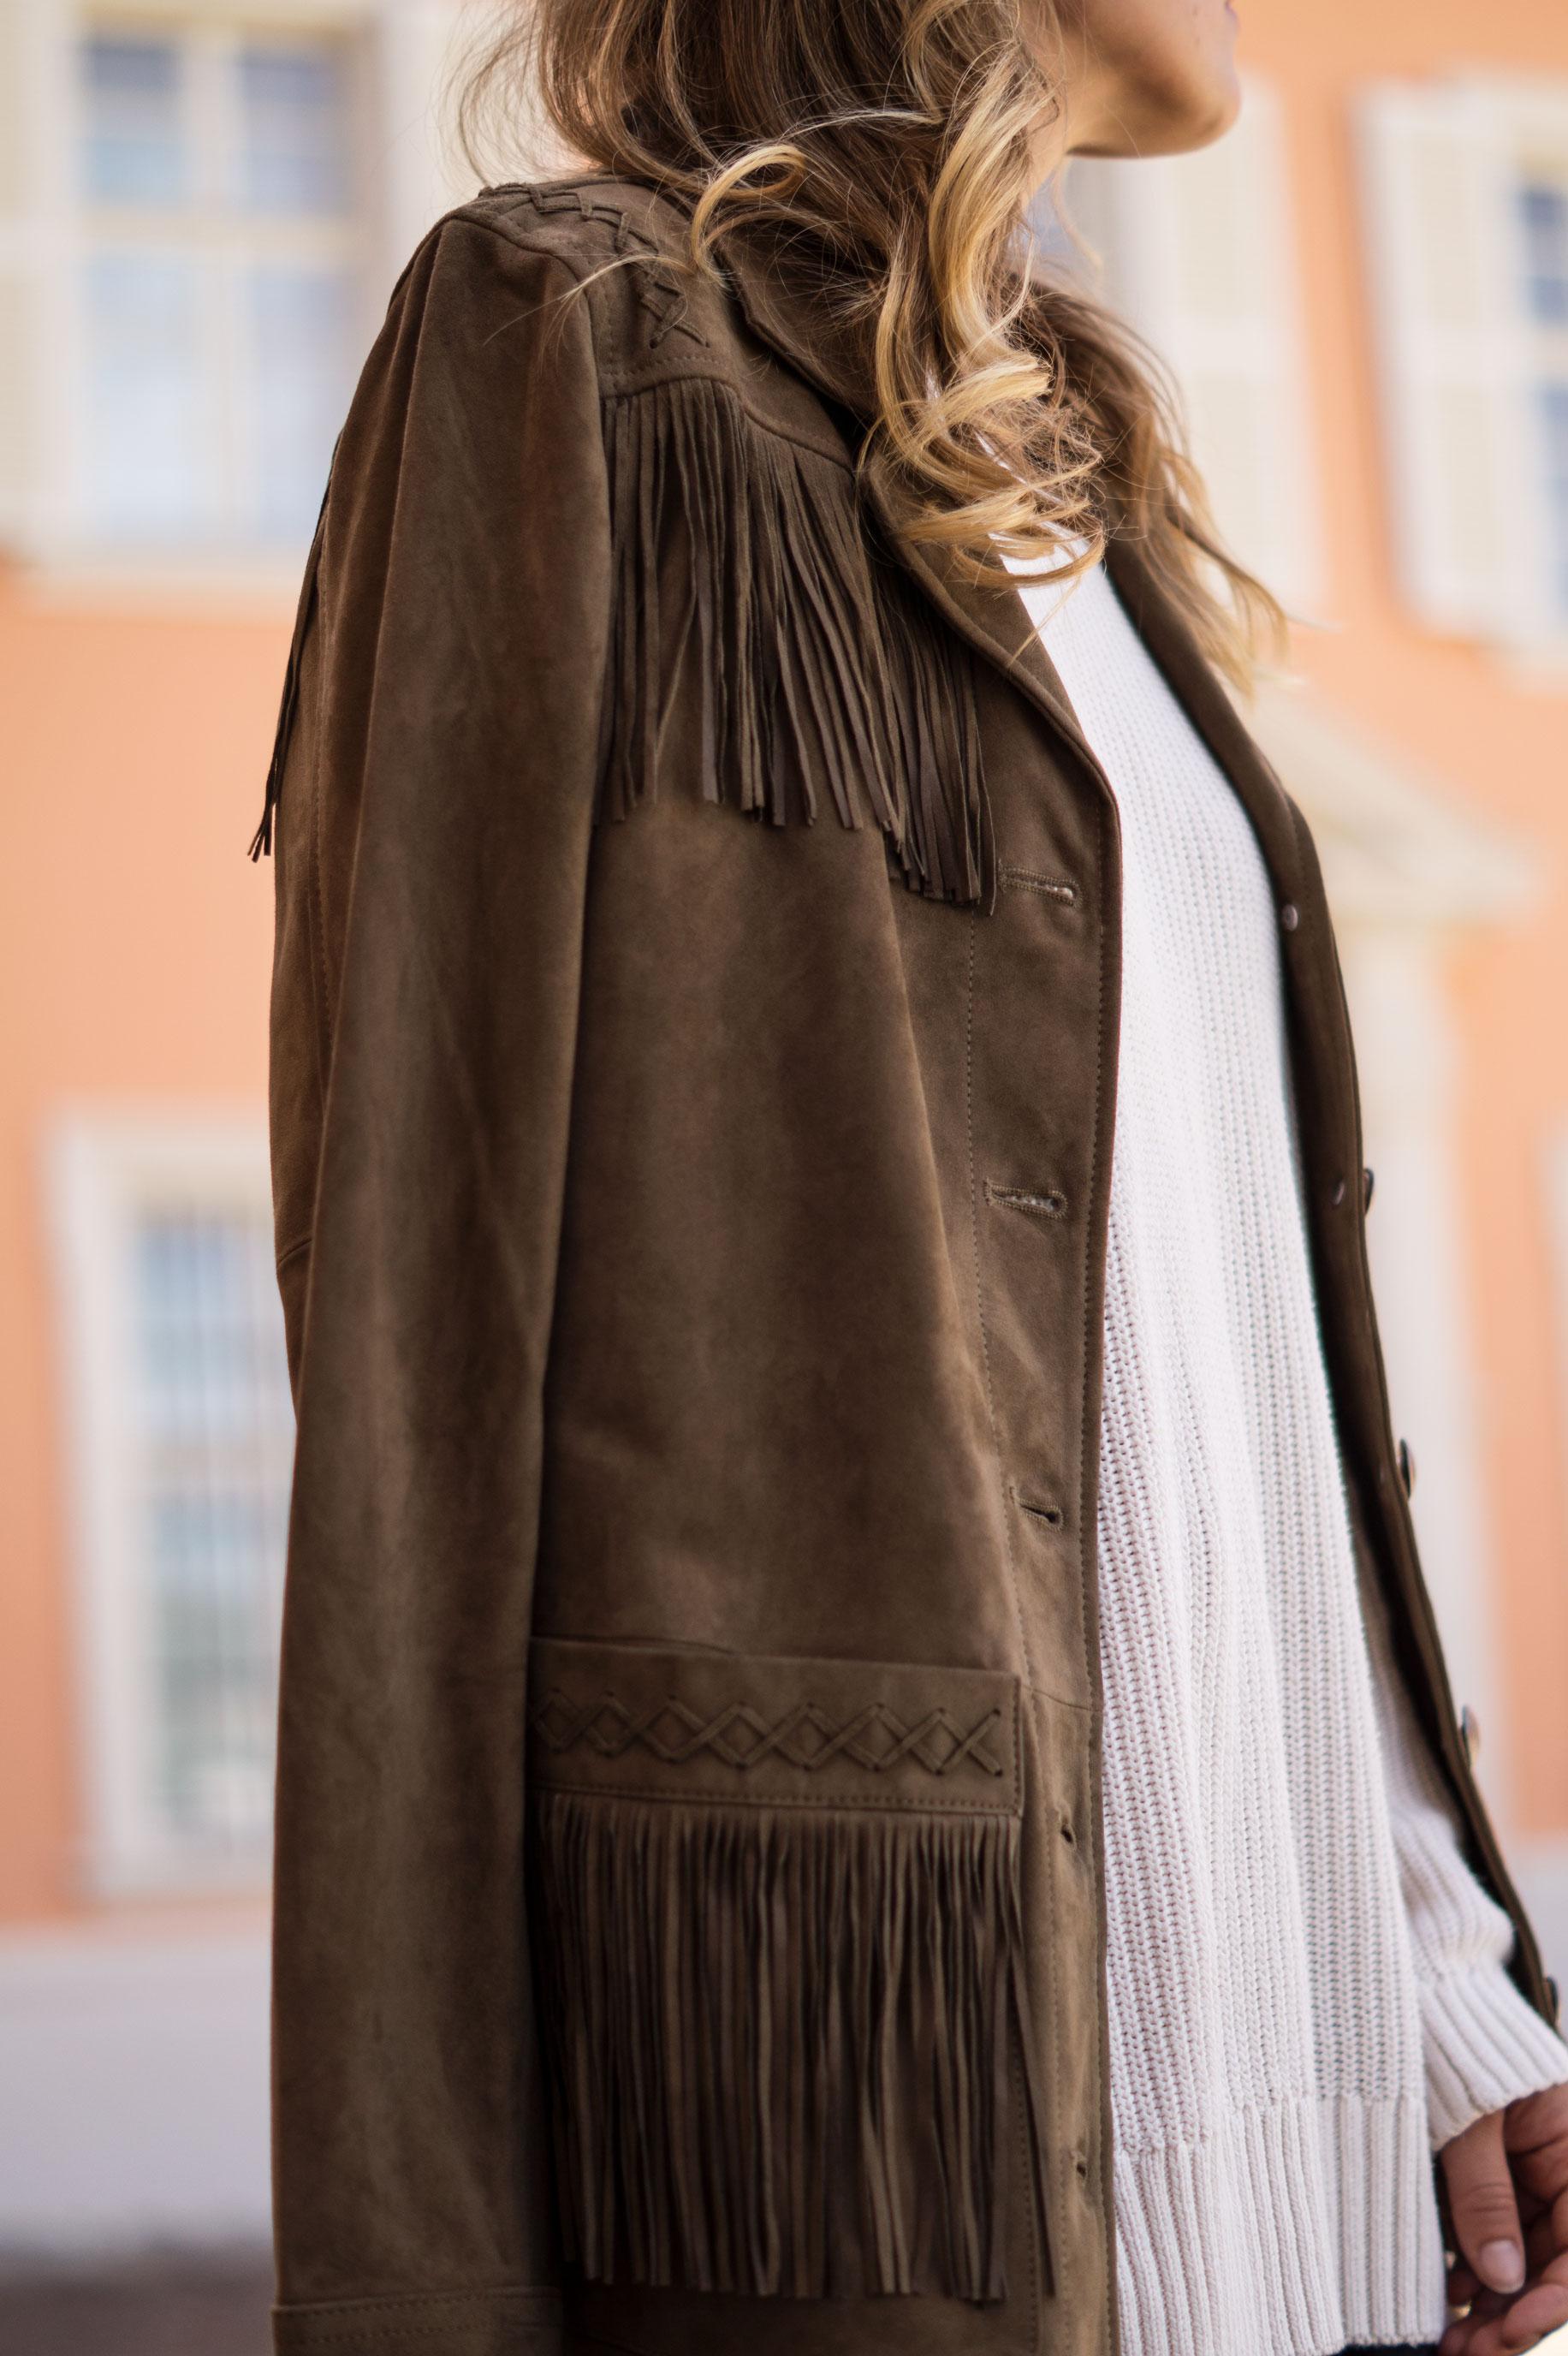 Fall Layers Herbstlook Fransenjacke Wildlederjacke Lace Up Heels Sariety Sarah Schaefer Modeblog Heidelberg_7